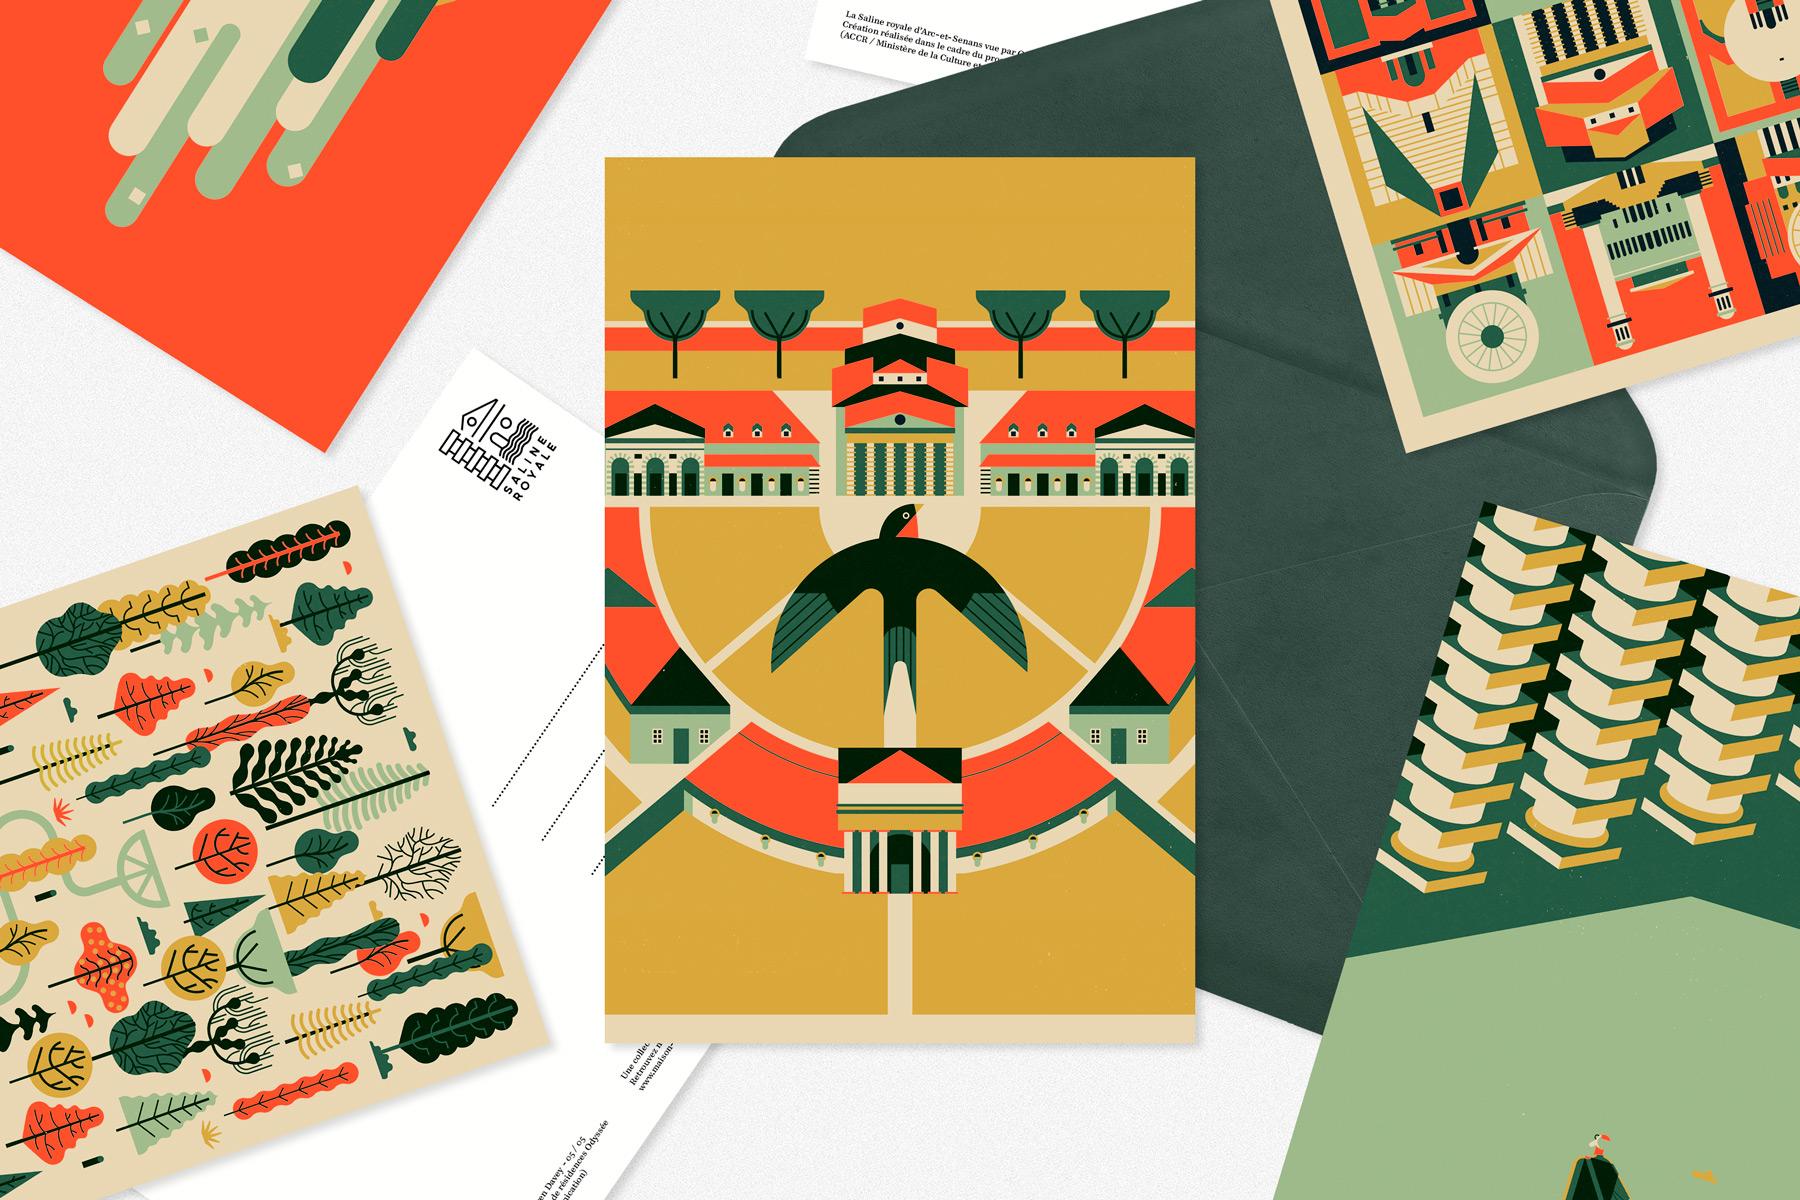 Maison-Tangible-Manufacture-images-objets-Besancon-Paris-Produits_Saline_Arcetsenans_Owen_Davey_Carte_postale_01.jpg